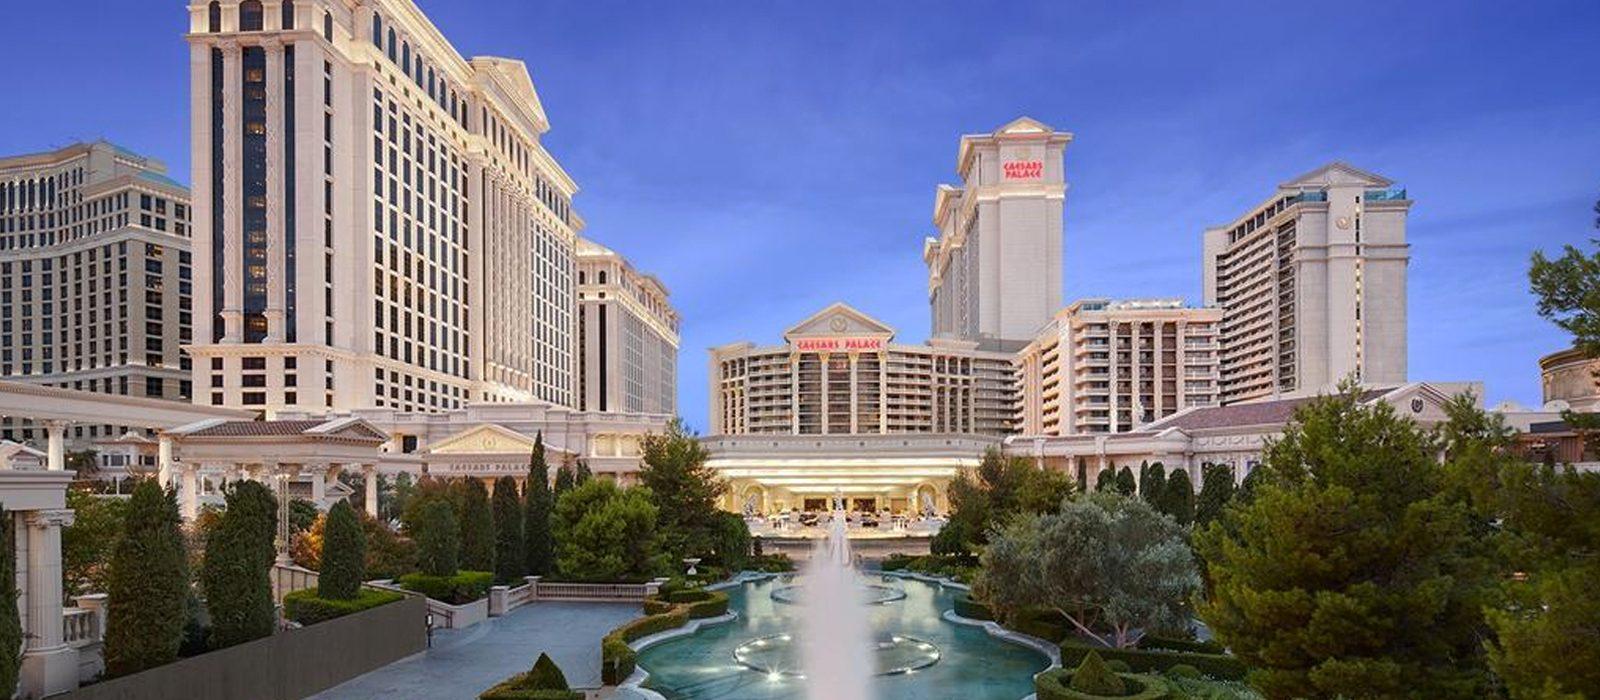 Caesars Palace Las Vegas Honeymoon Packages Header